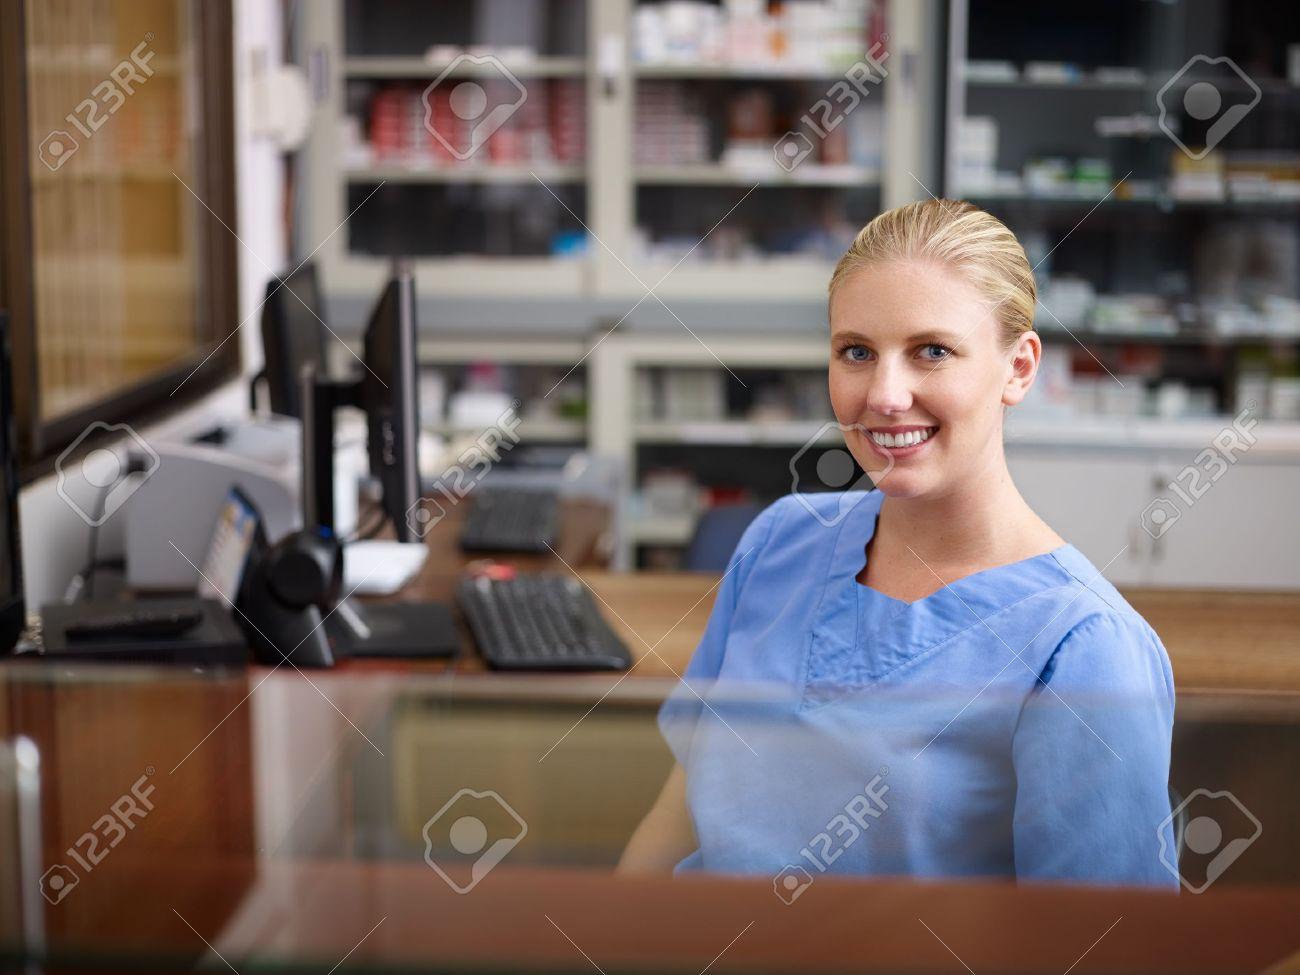 Смотреть онлайн медсёстра по вызову 5 фотография